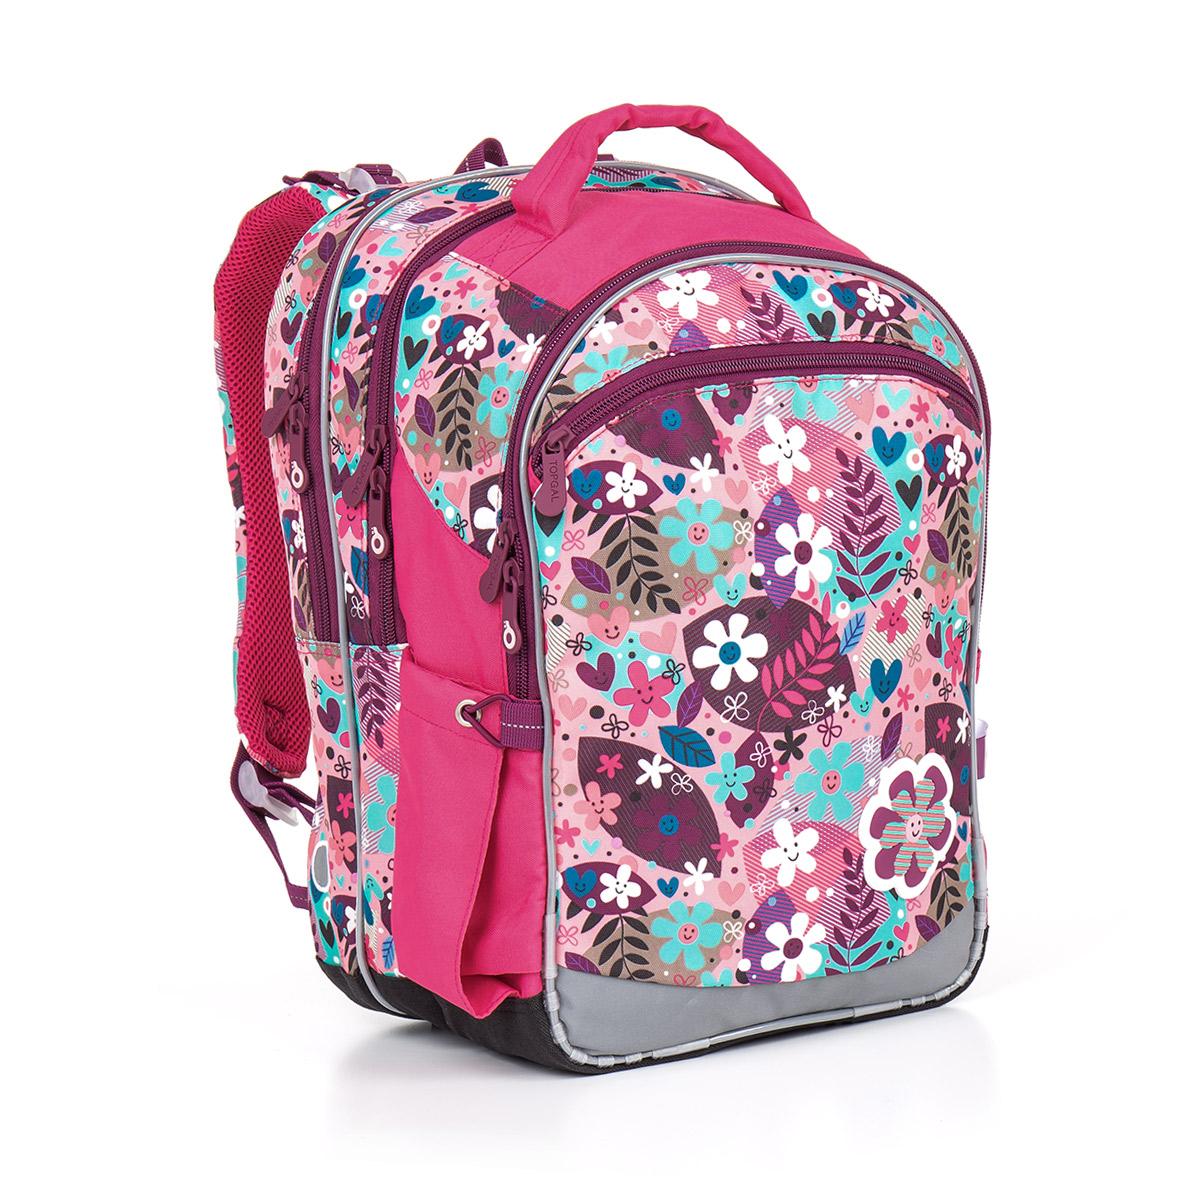 školní batoh pro prvňačku